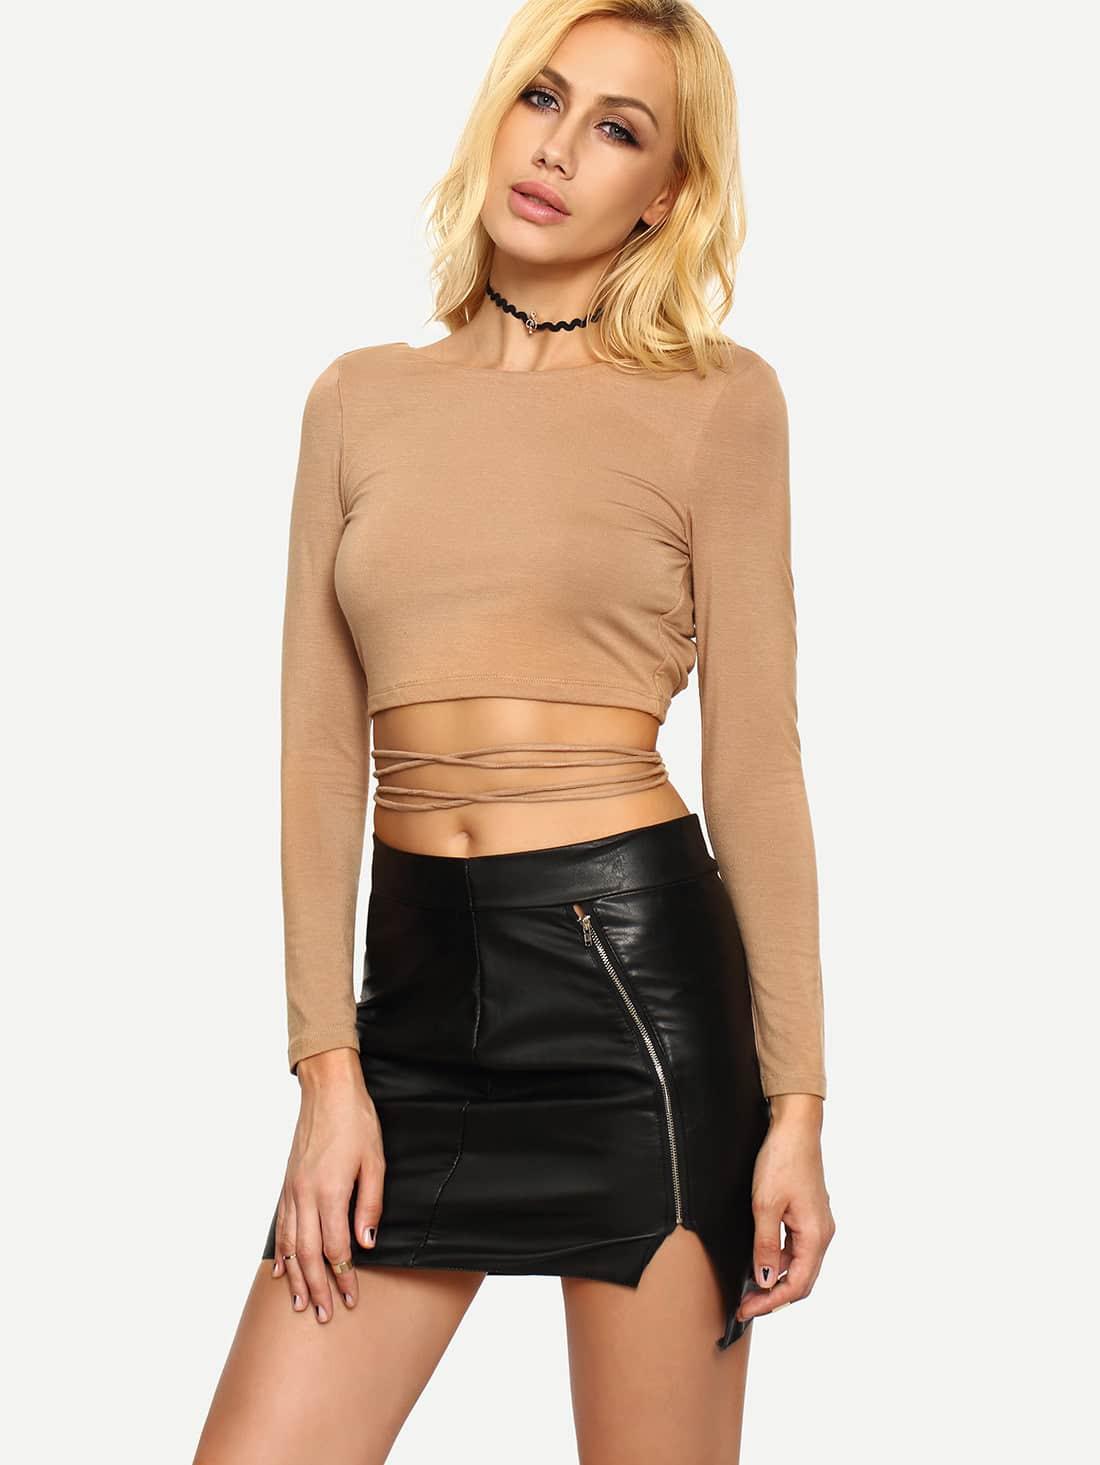 Dark Nude Long Sleeve Crisscross Crop T-shirt